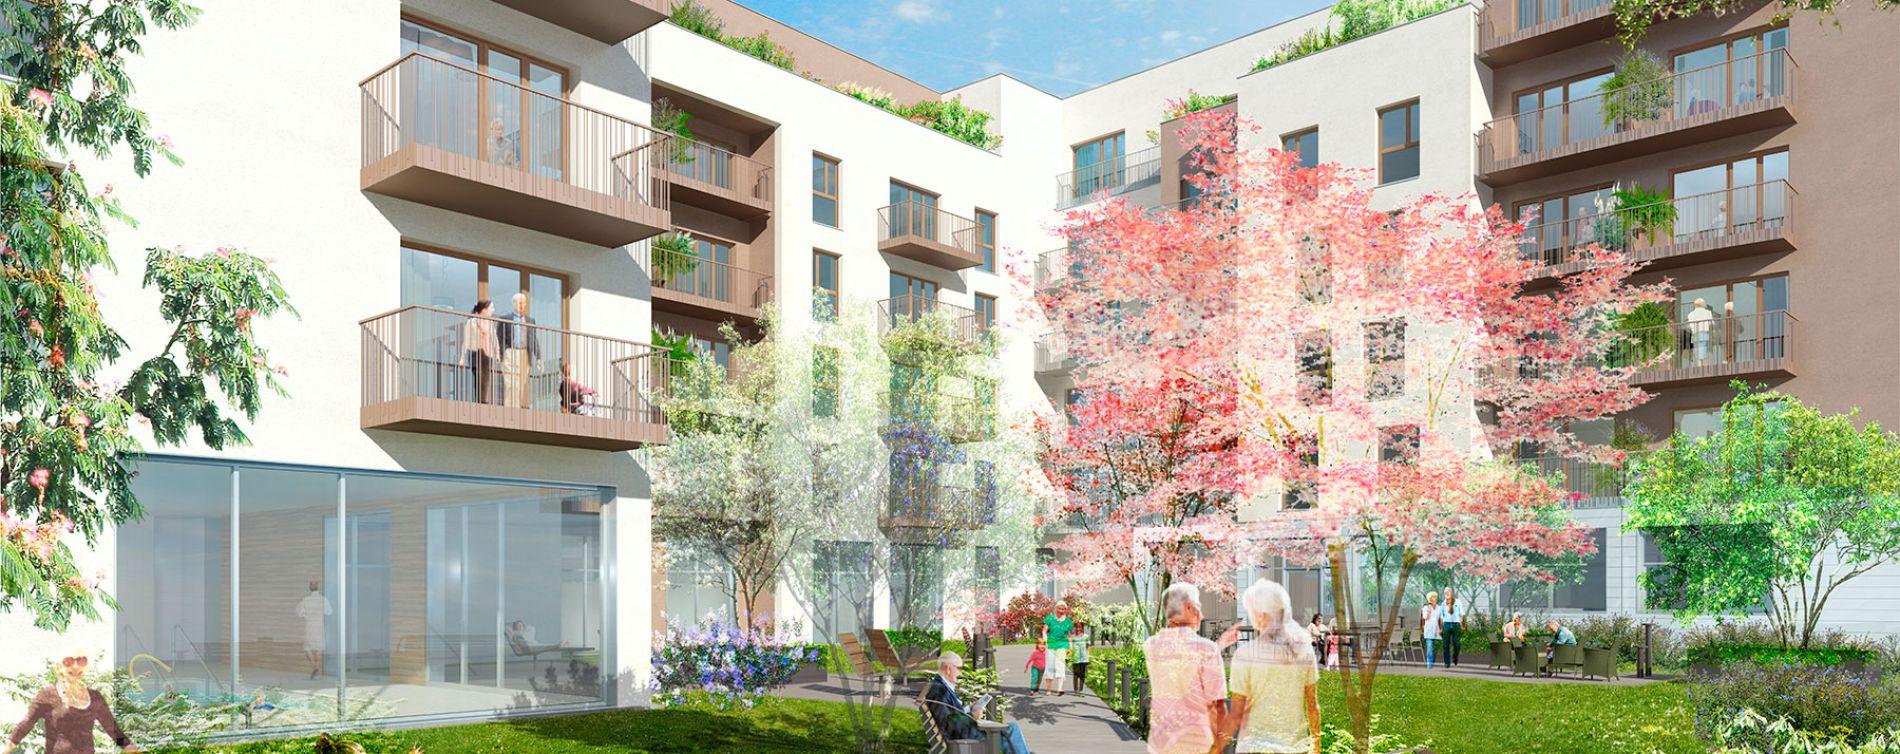 Villepinte : programme immobilier neuve « L'Aquarelle » (2)